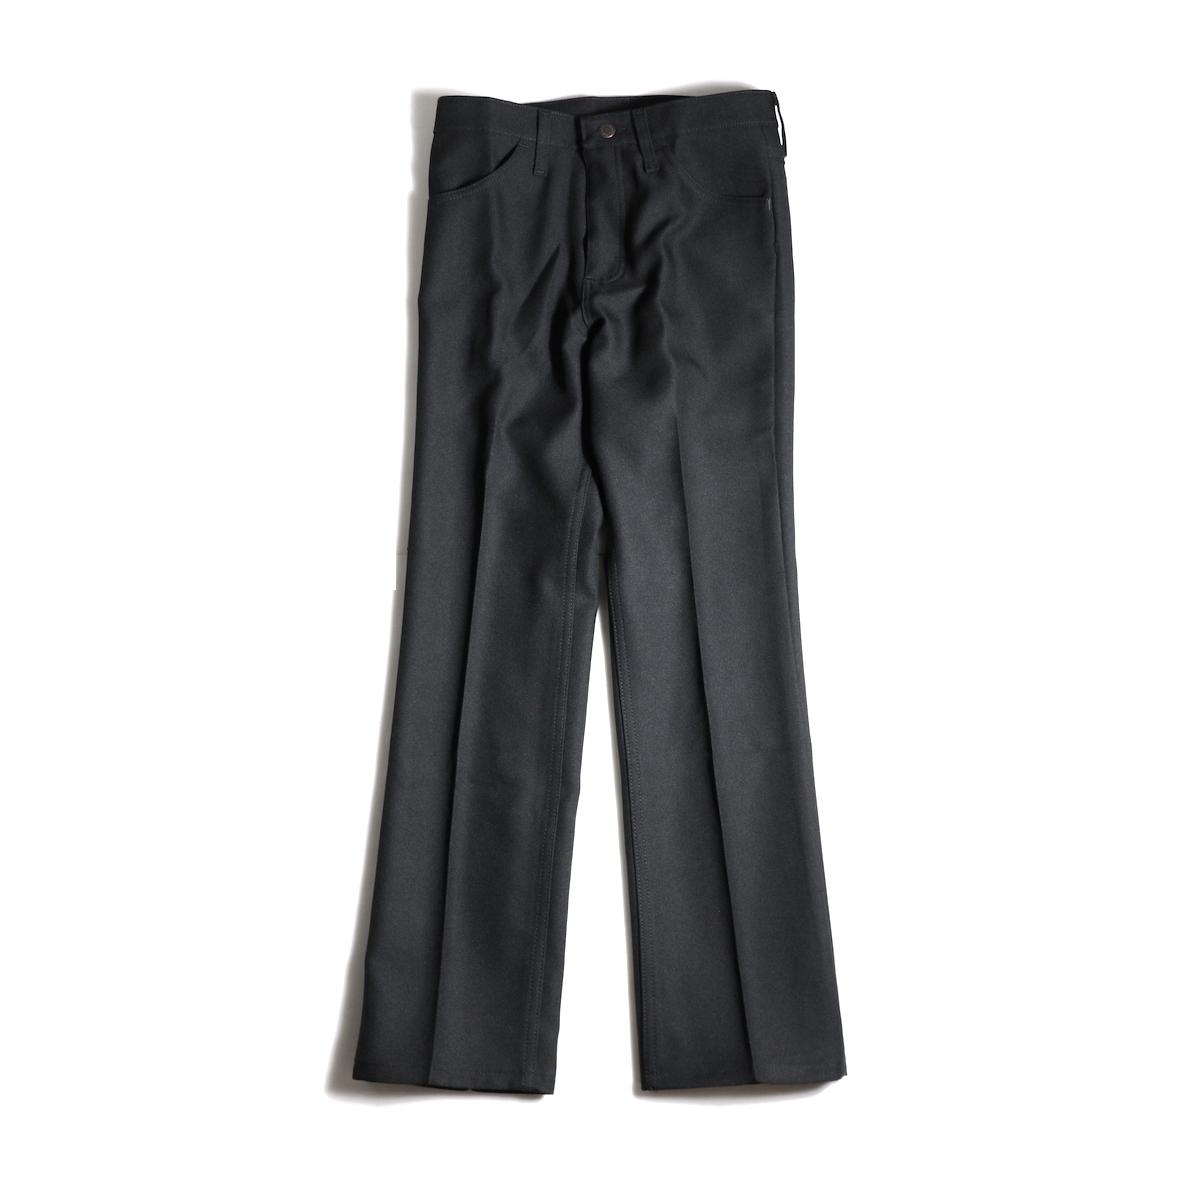 Wrangler / WRANCHER DRESS JEANS (Black)